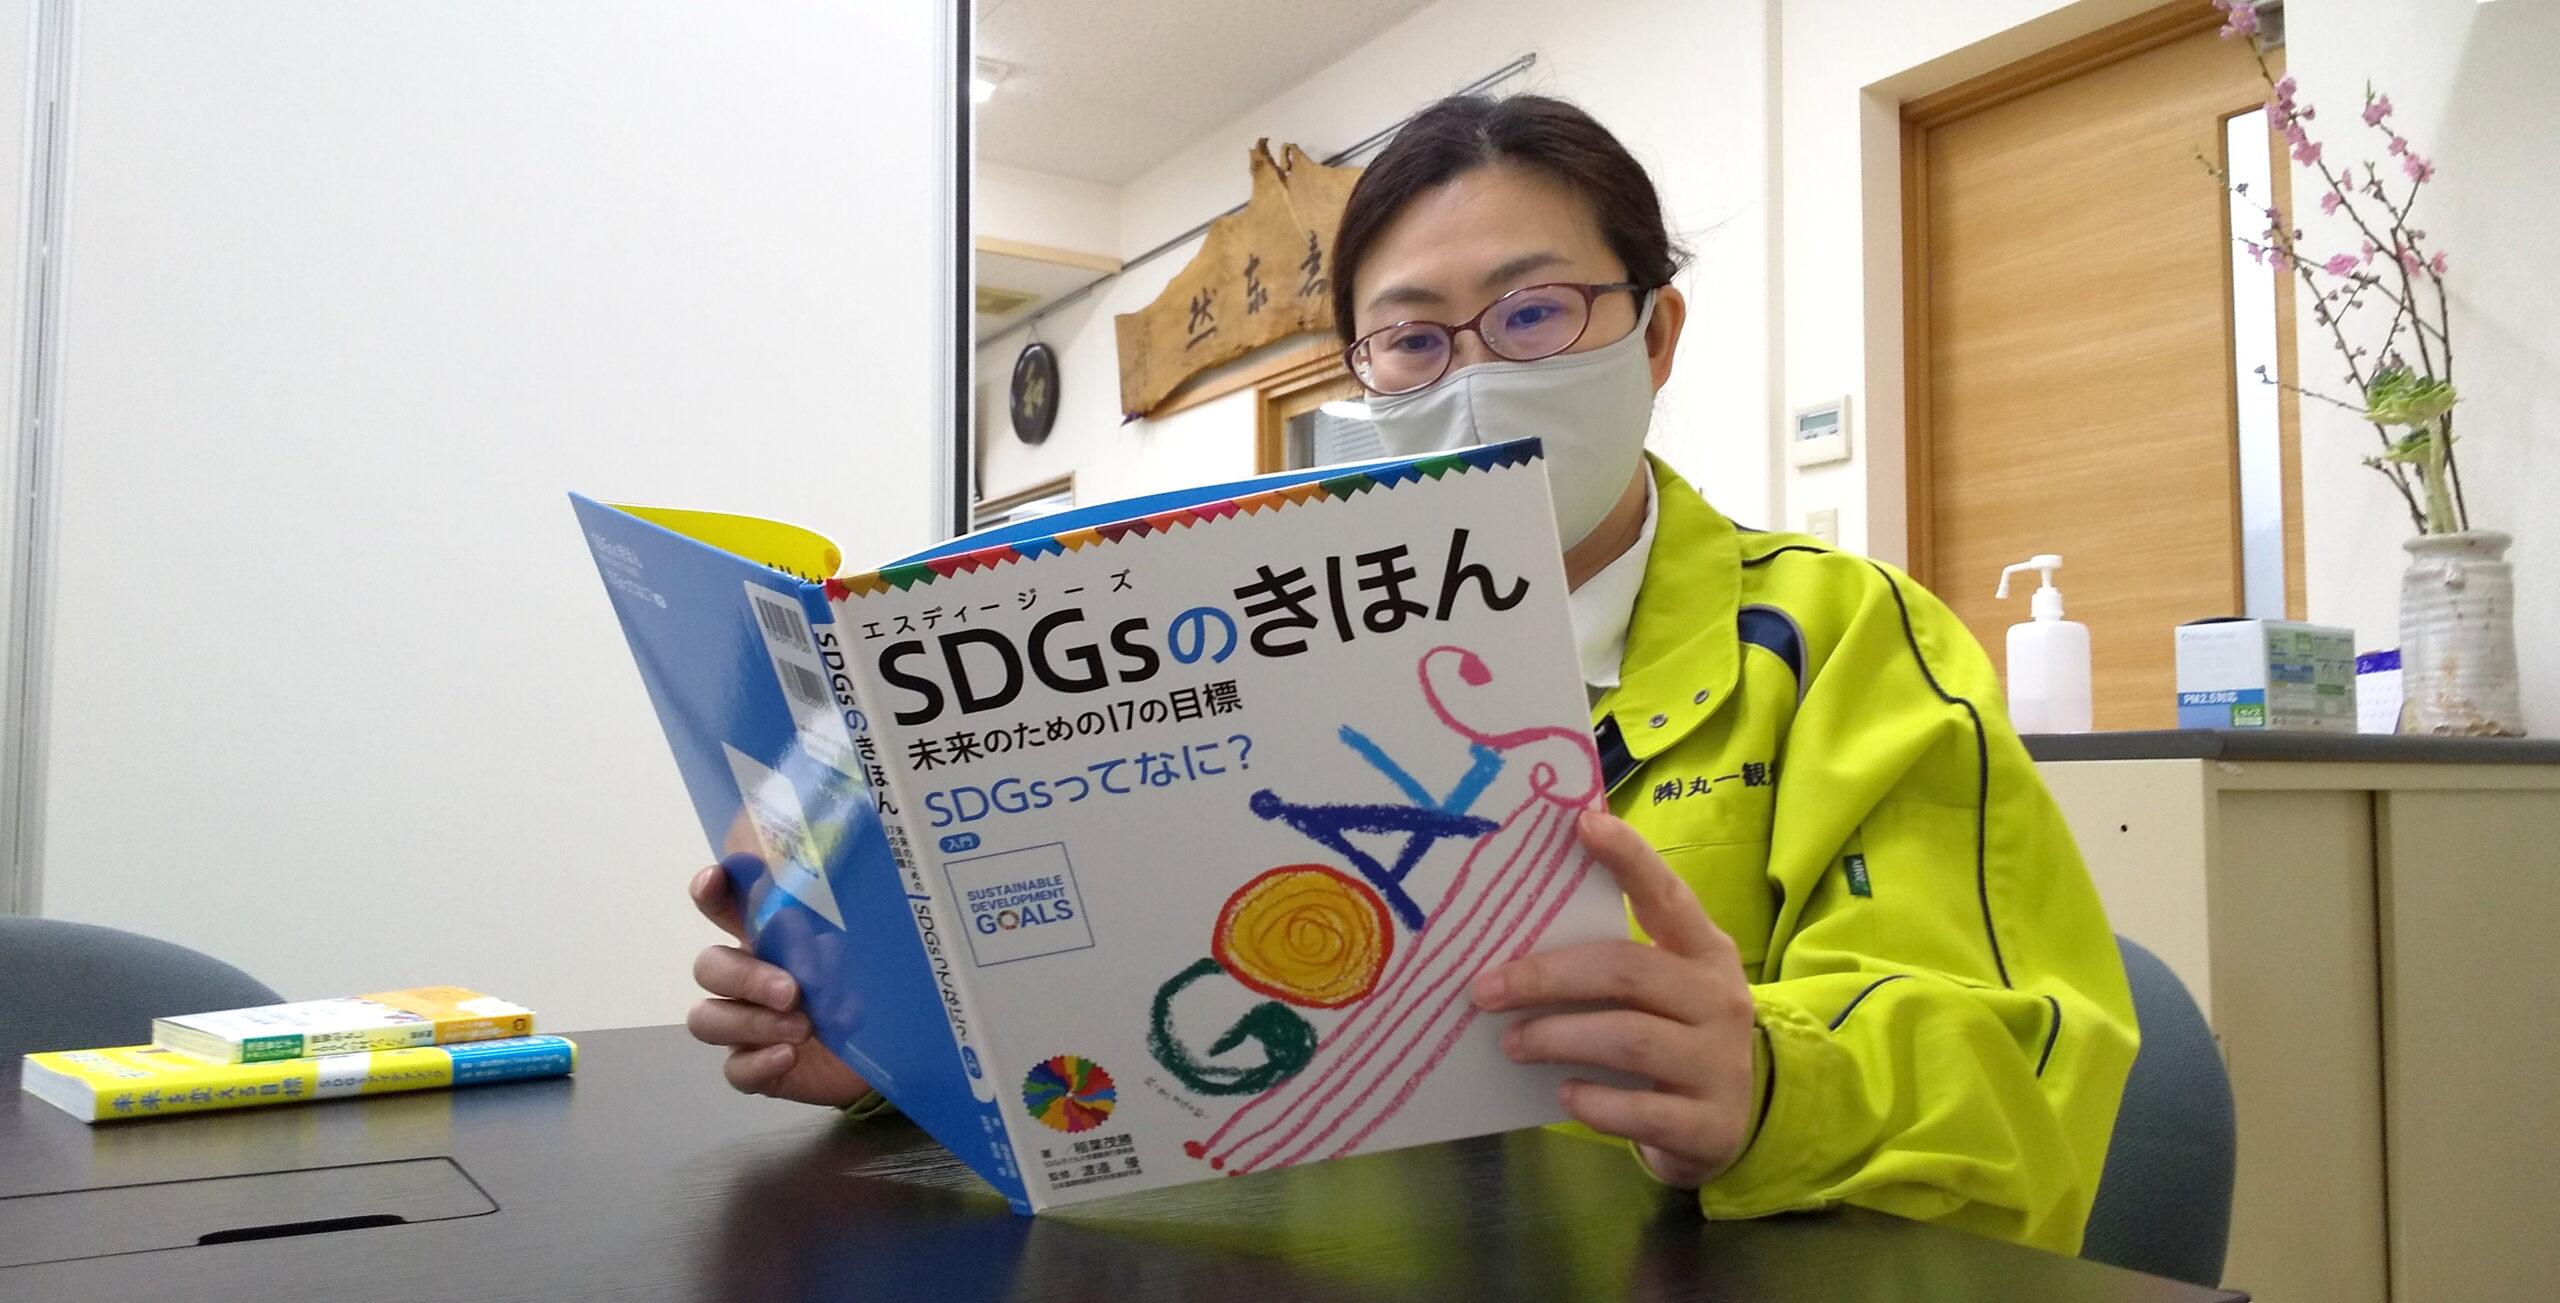 SDGs勉強中